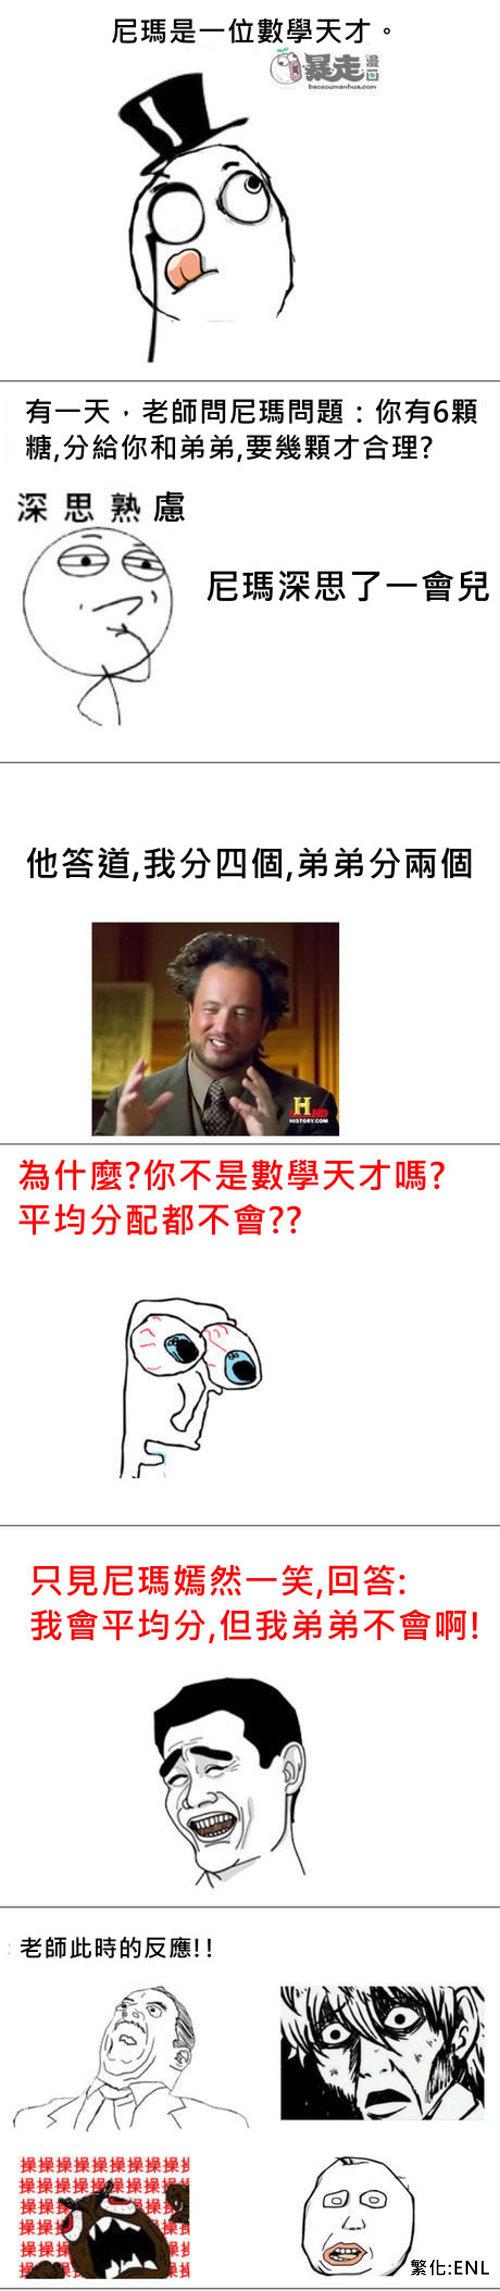 老師出了一題數學題問班上一位數學天才,他的答案讓老師驚艷!?-0